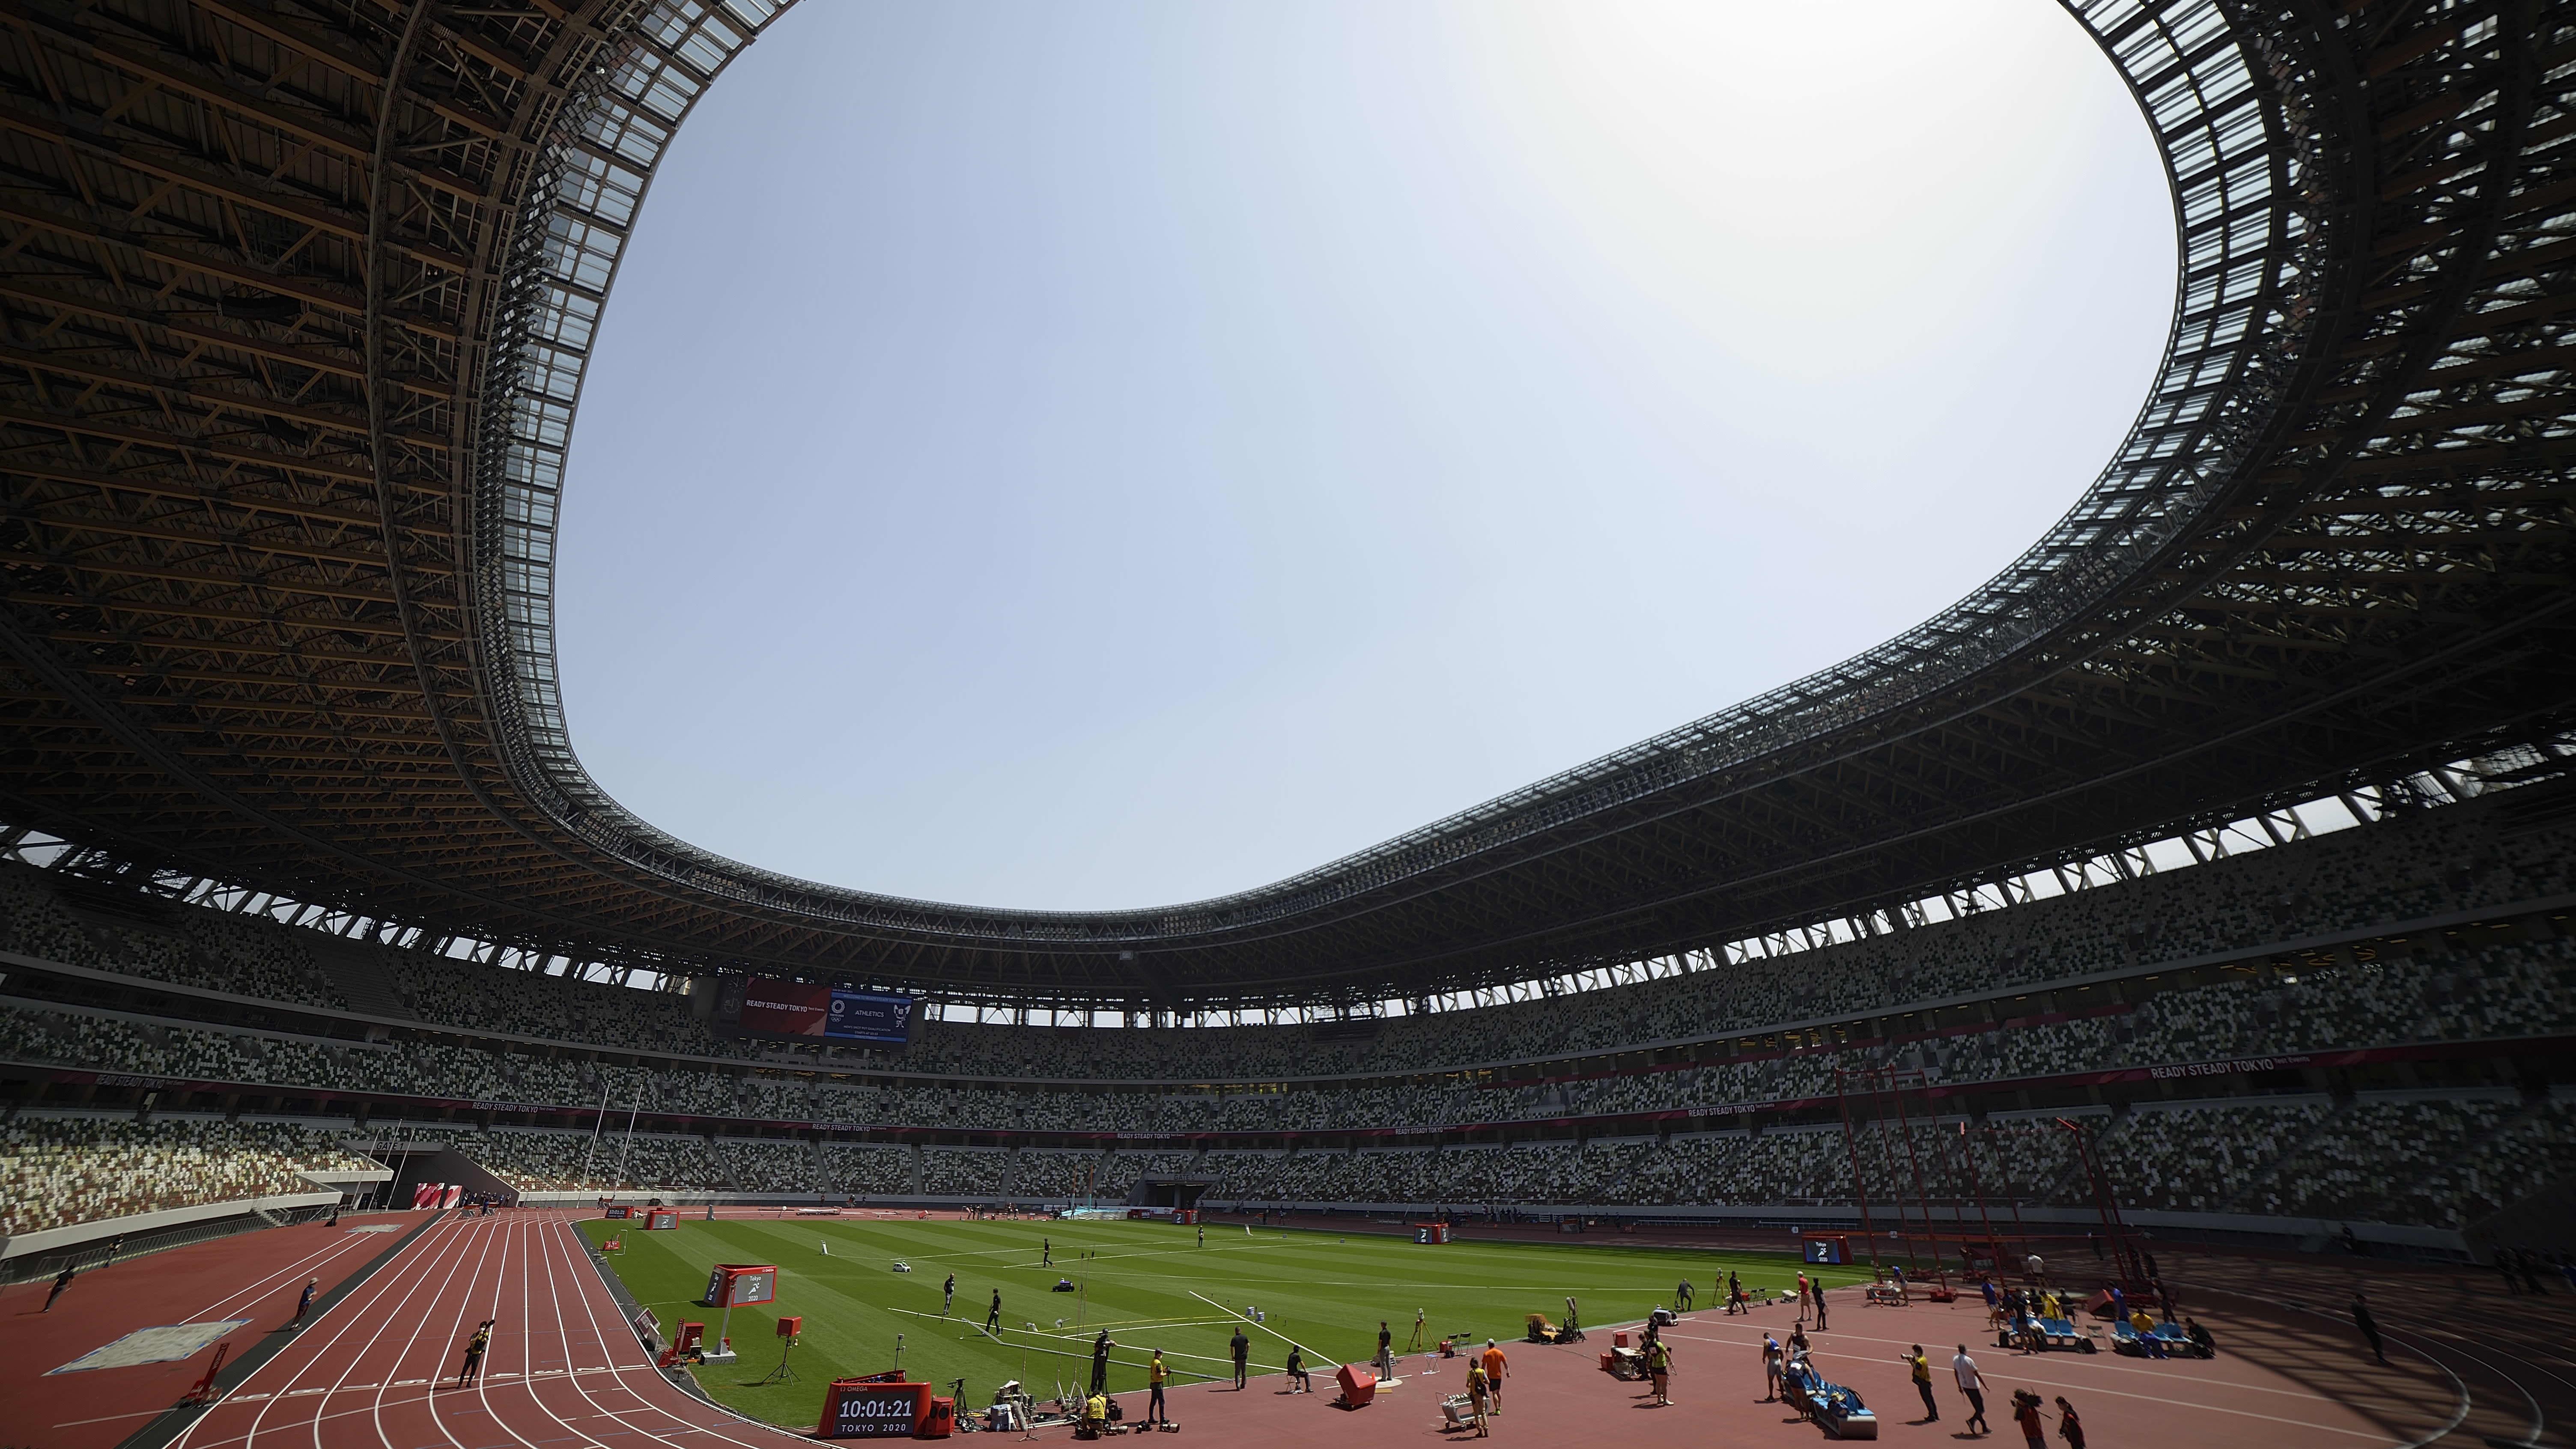 Tokion olympiastadion yleisurheilun testikisassa.